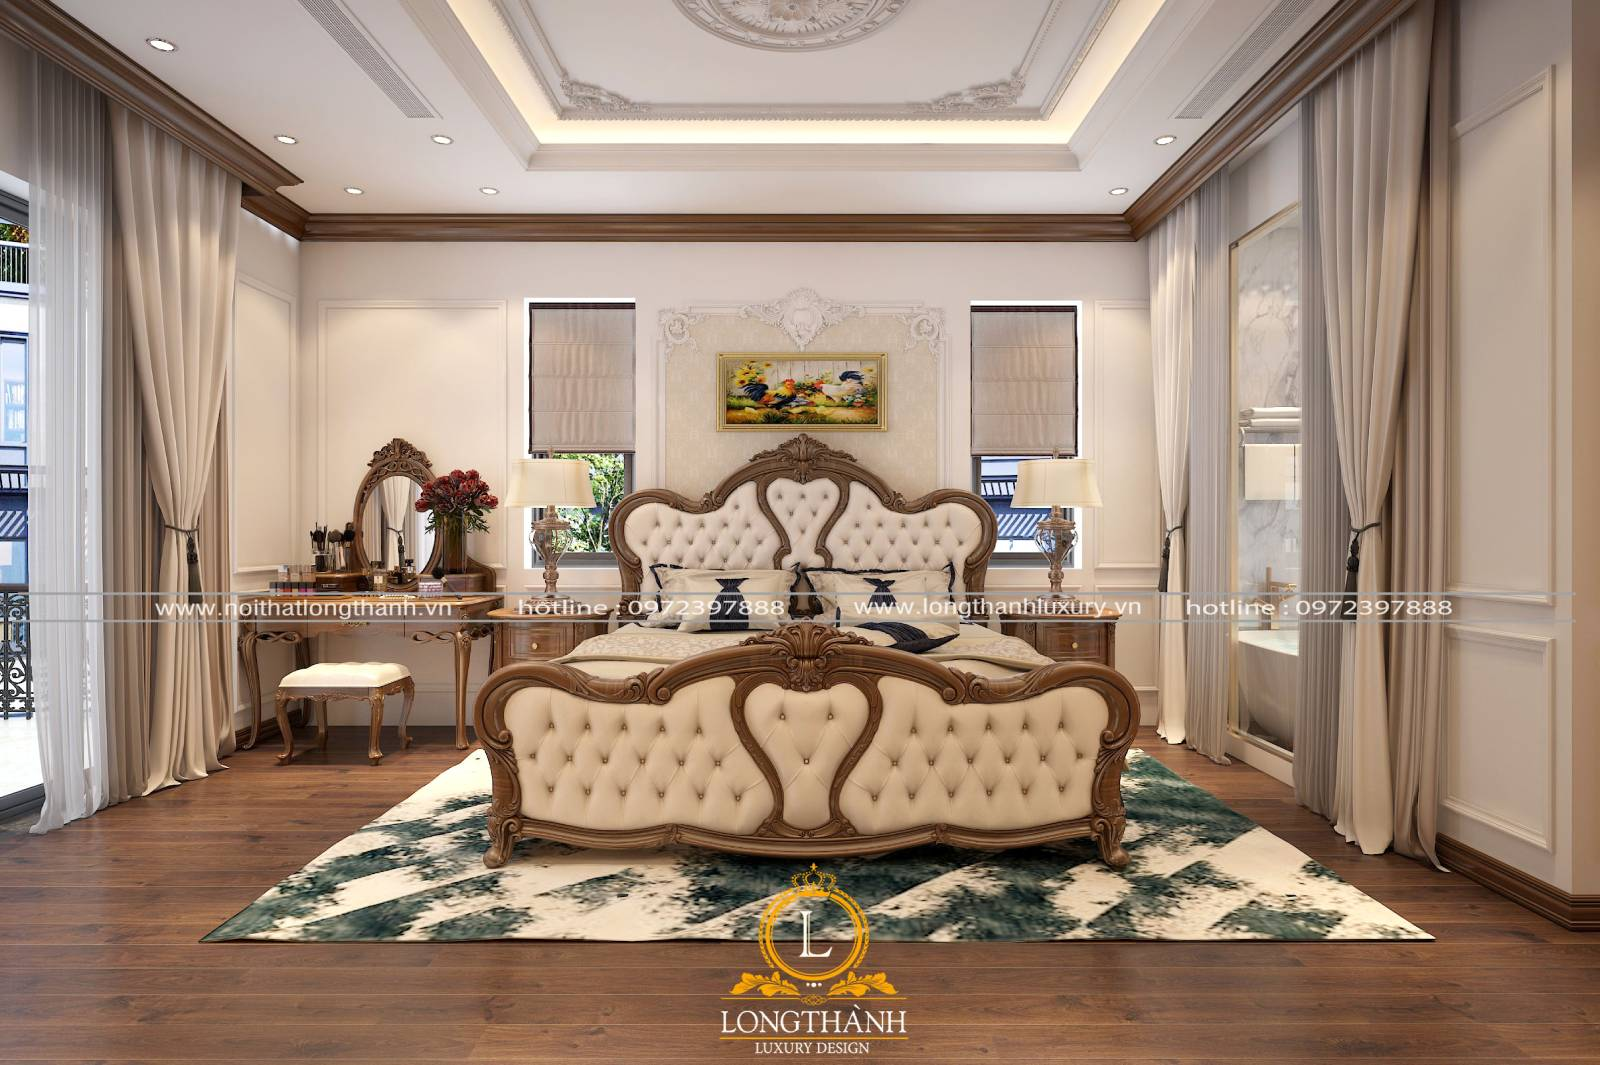 Thiết kế giường ngủ master tân cổ điển cao cấp sang trọng